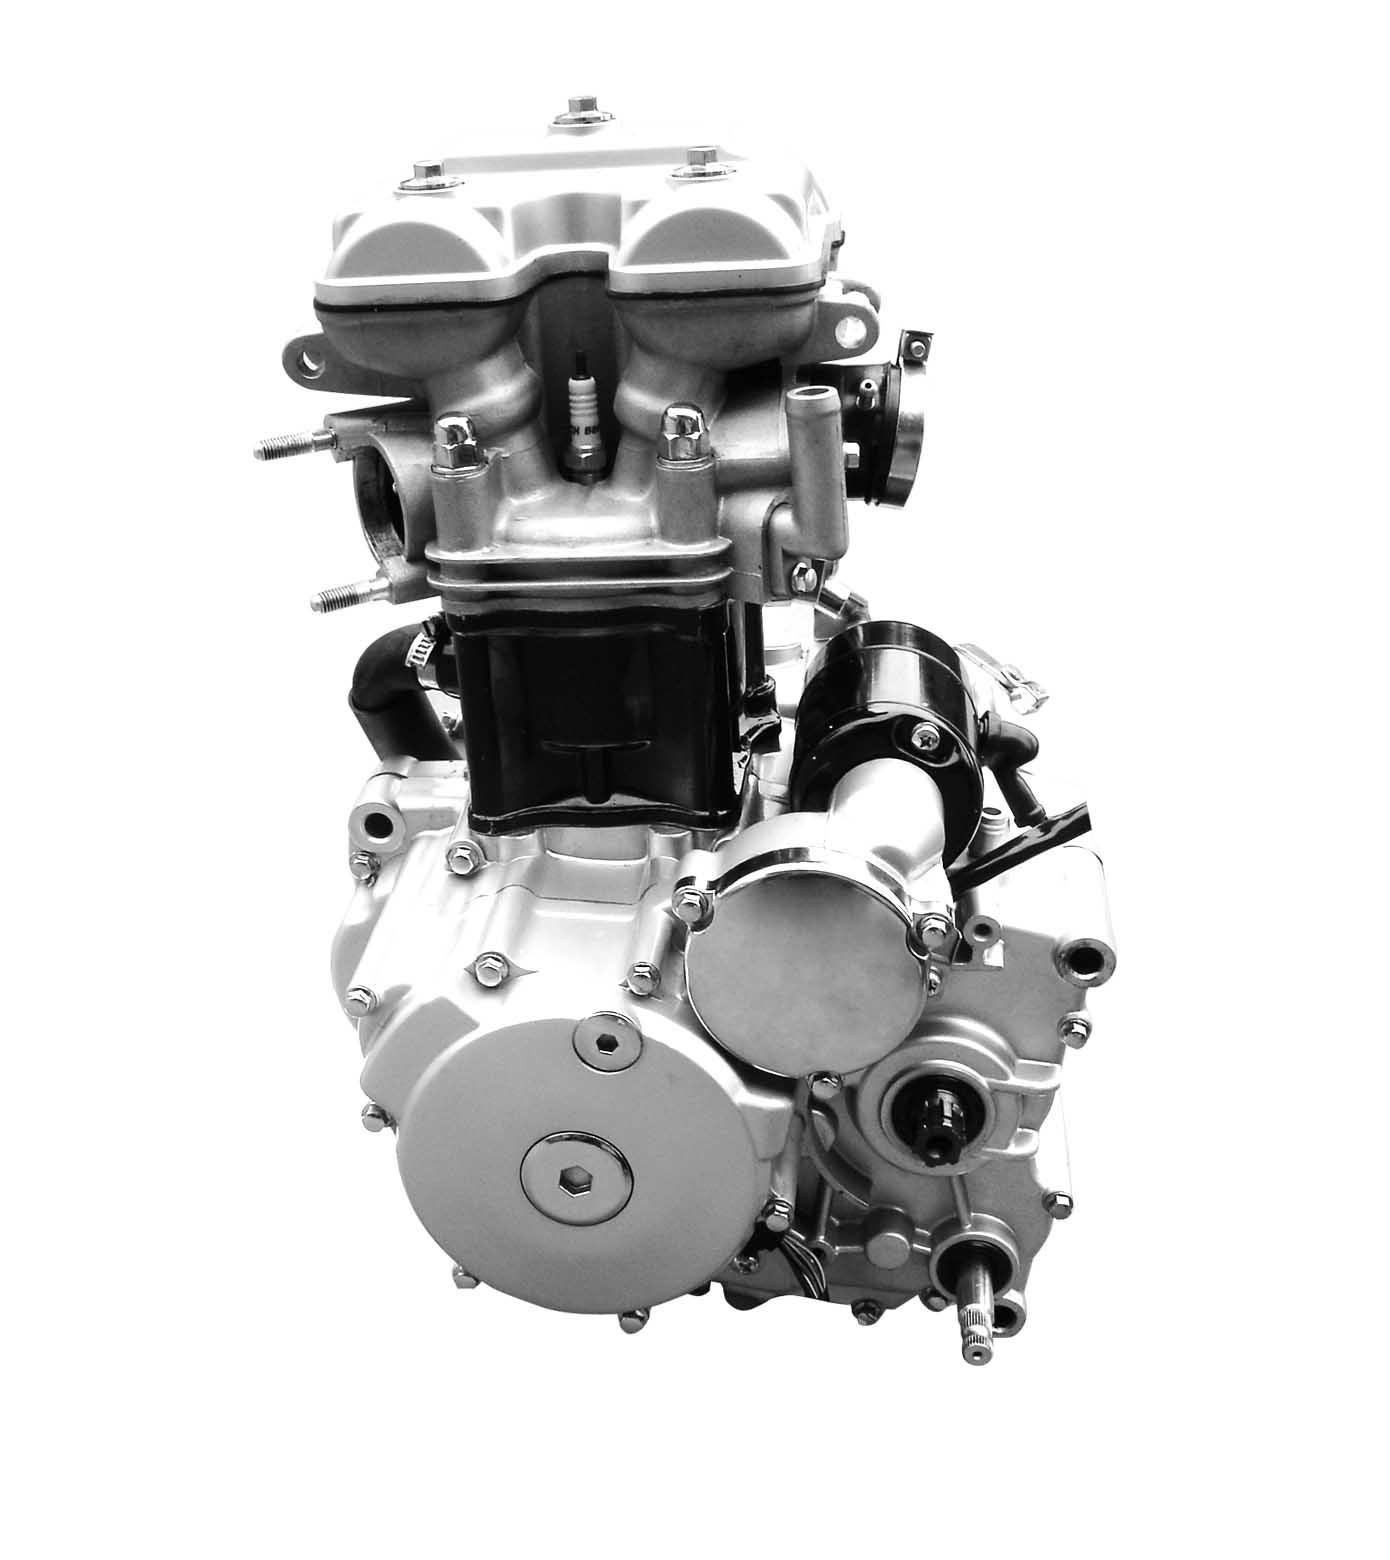 摩托车发动机图片